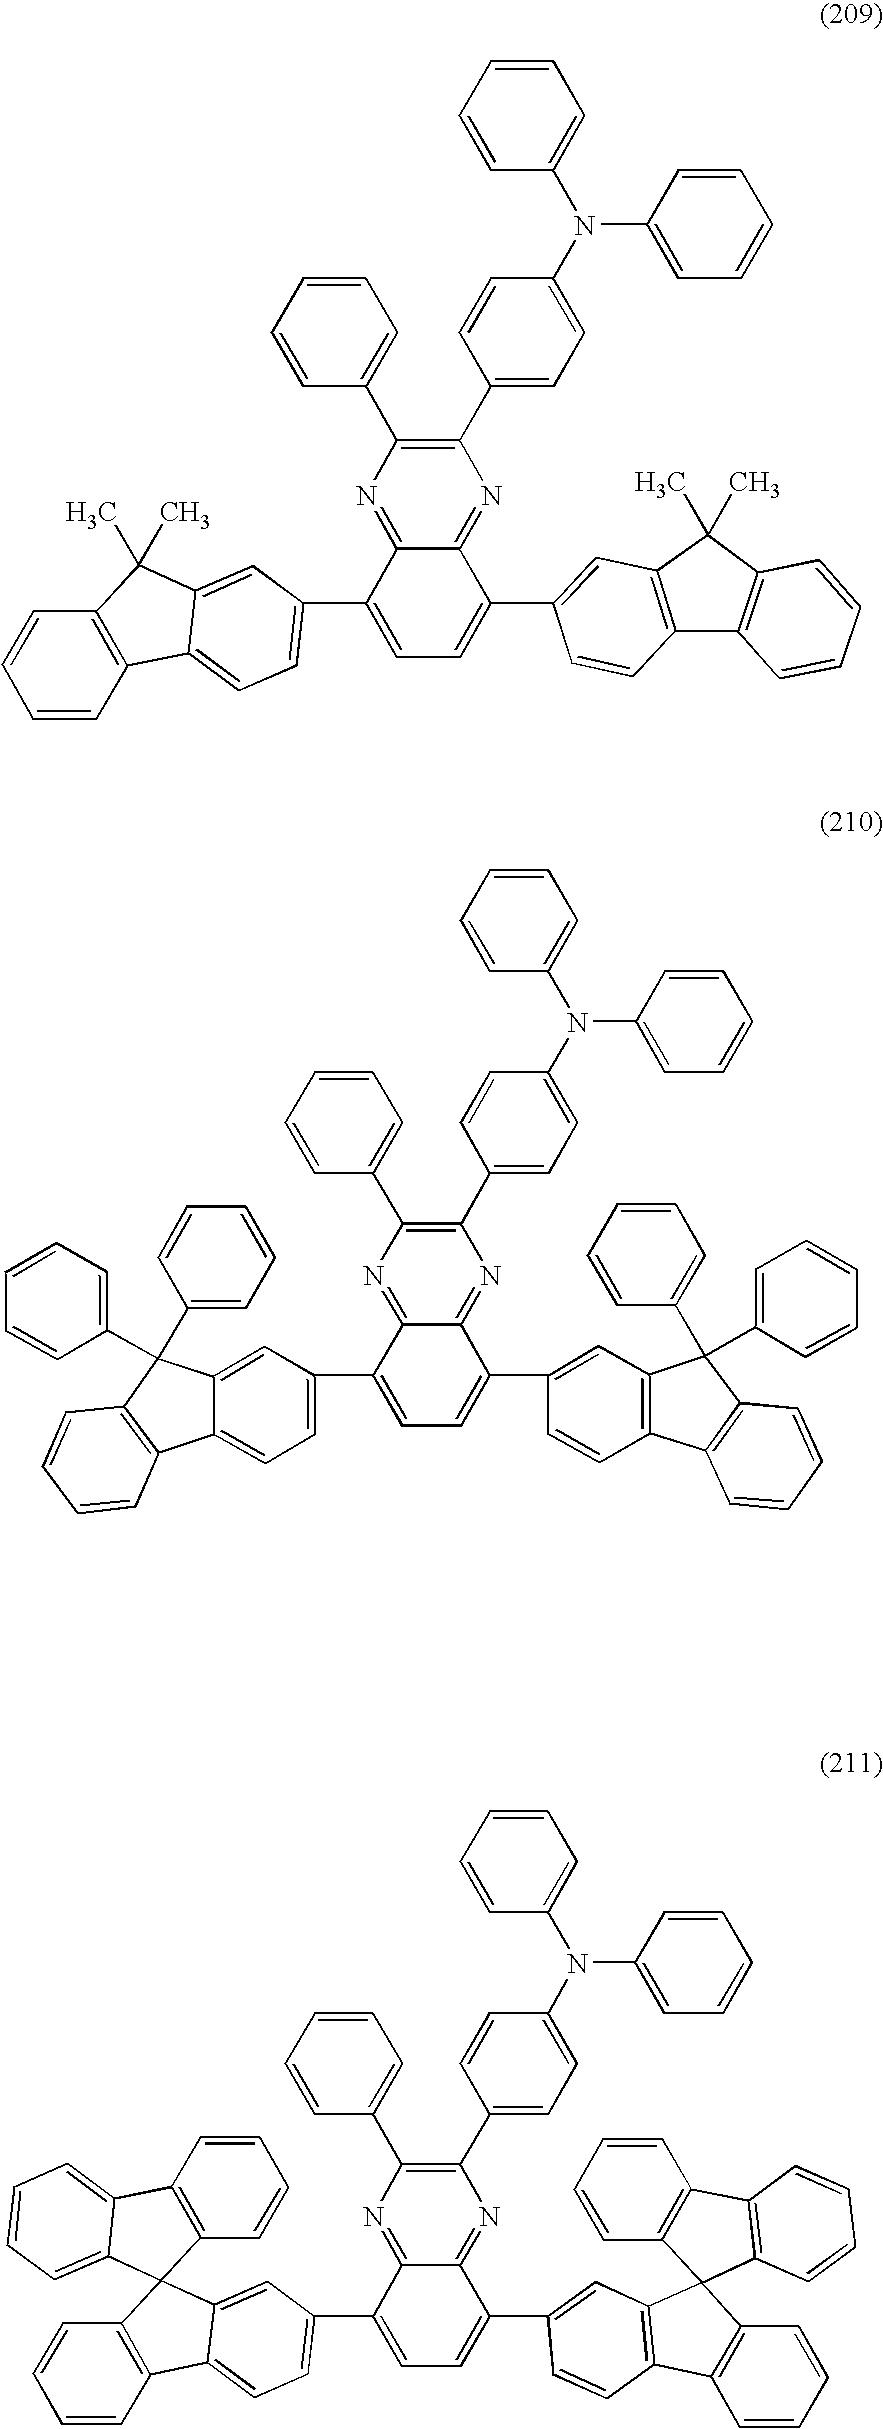 Figure US08178216-20120515-C00071